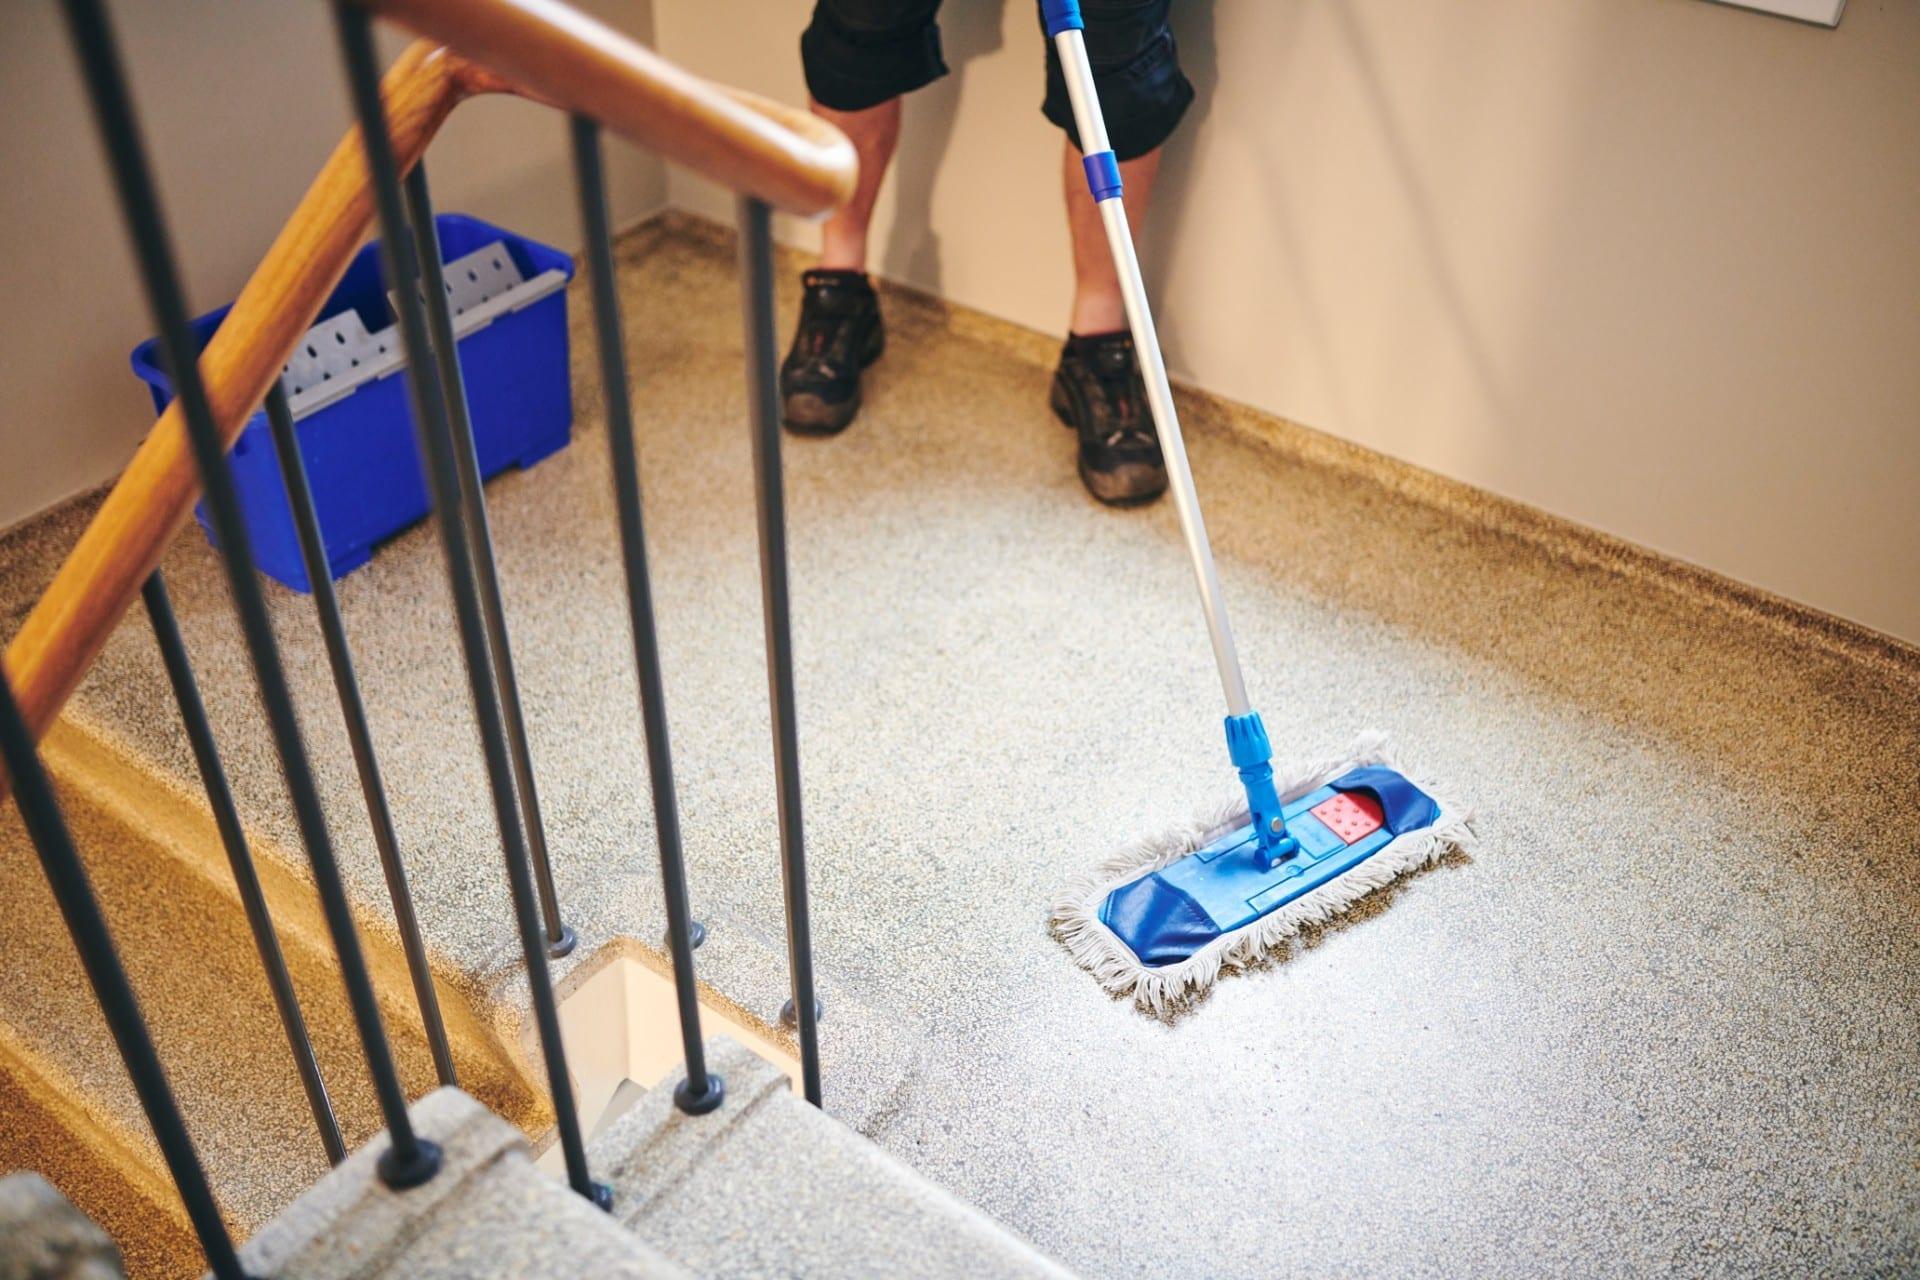 Renell-medarbejder vasker gulvet i trappeopgang